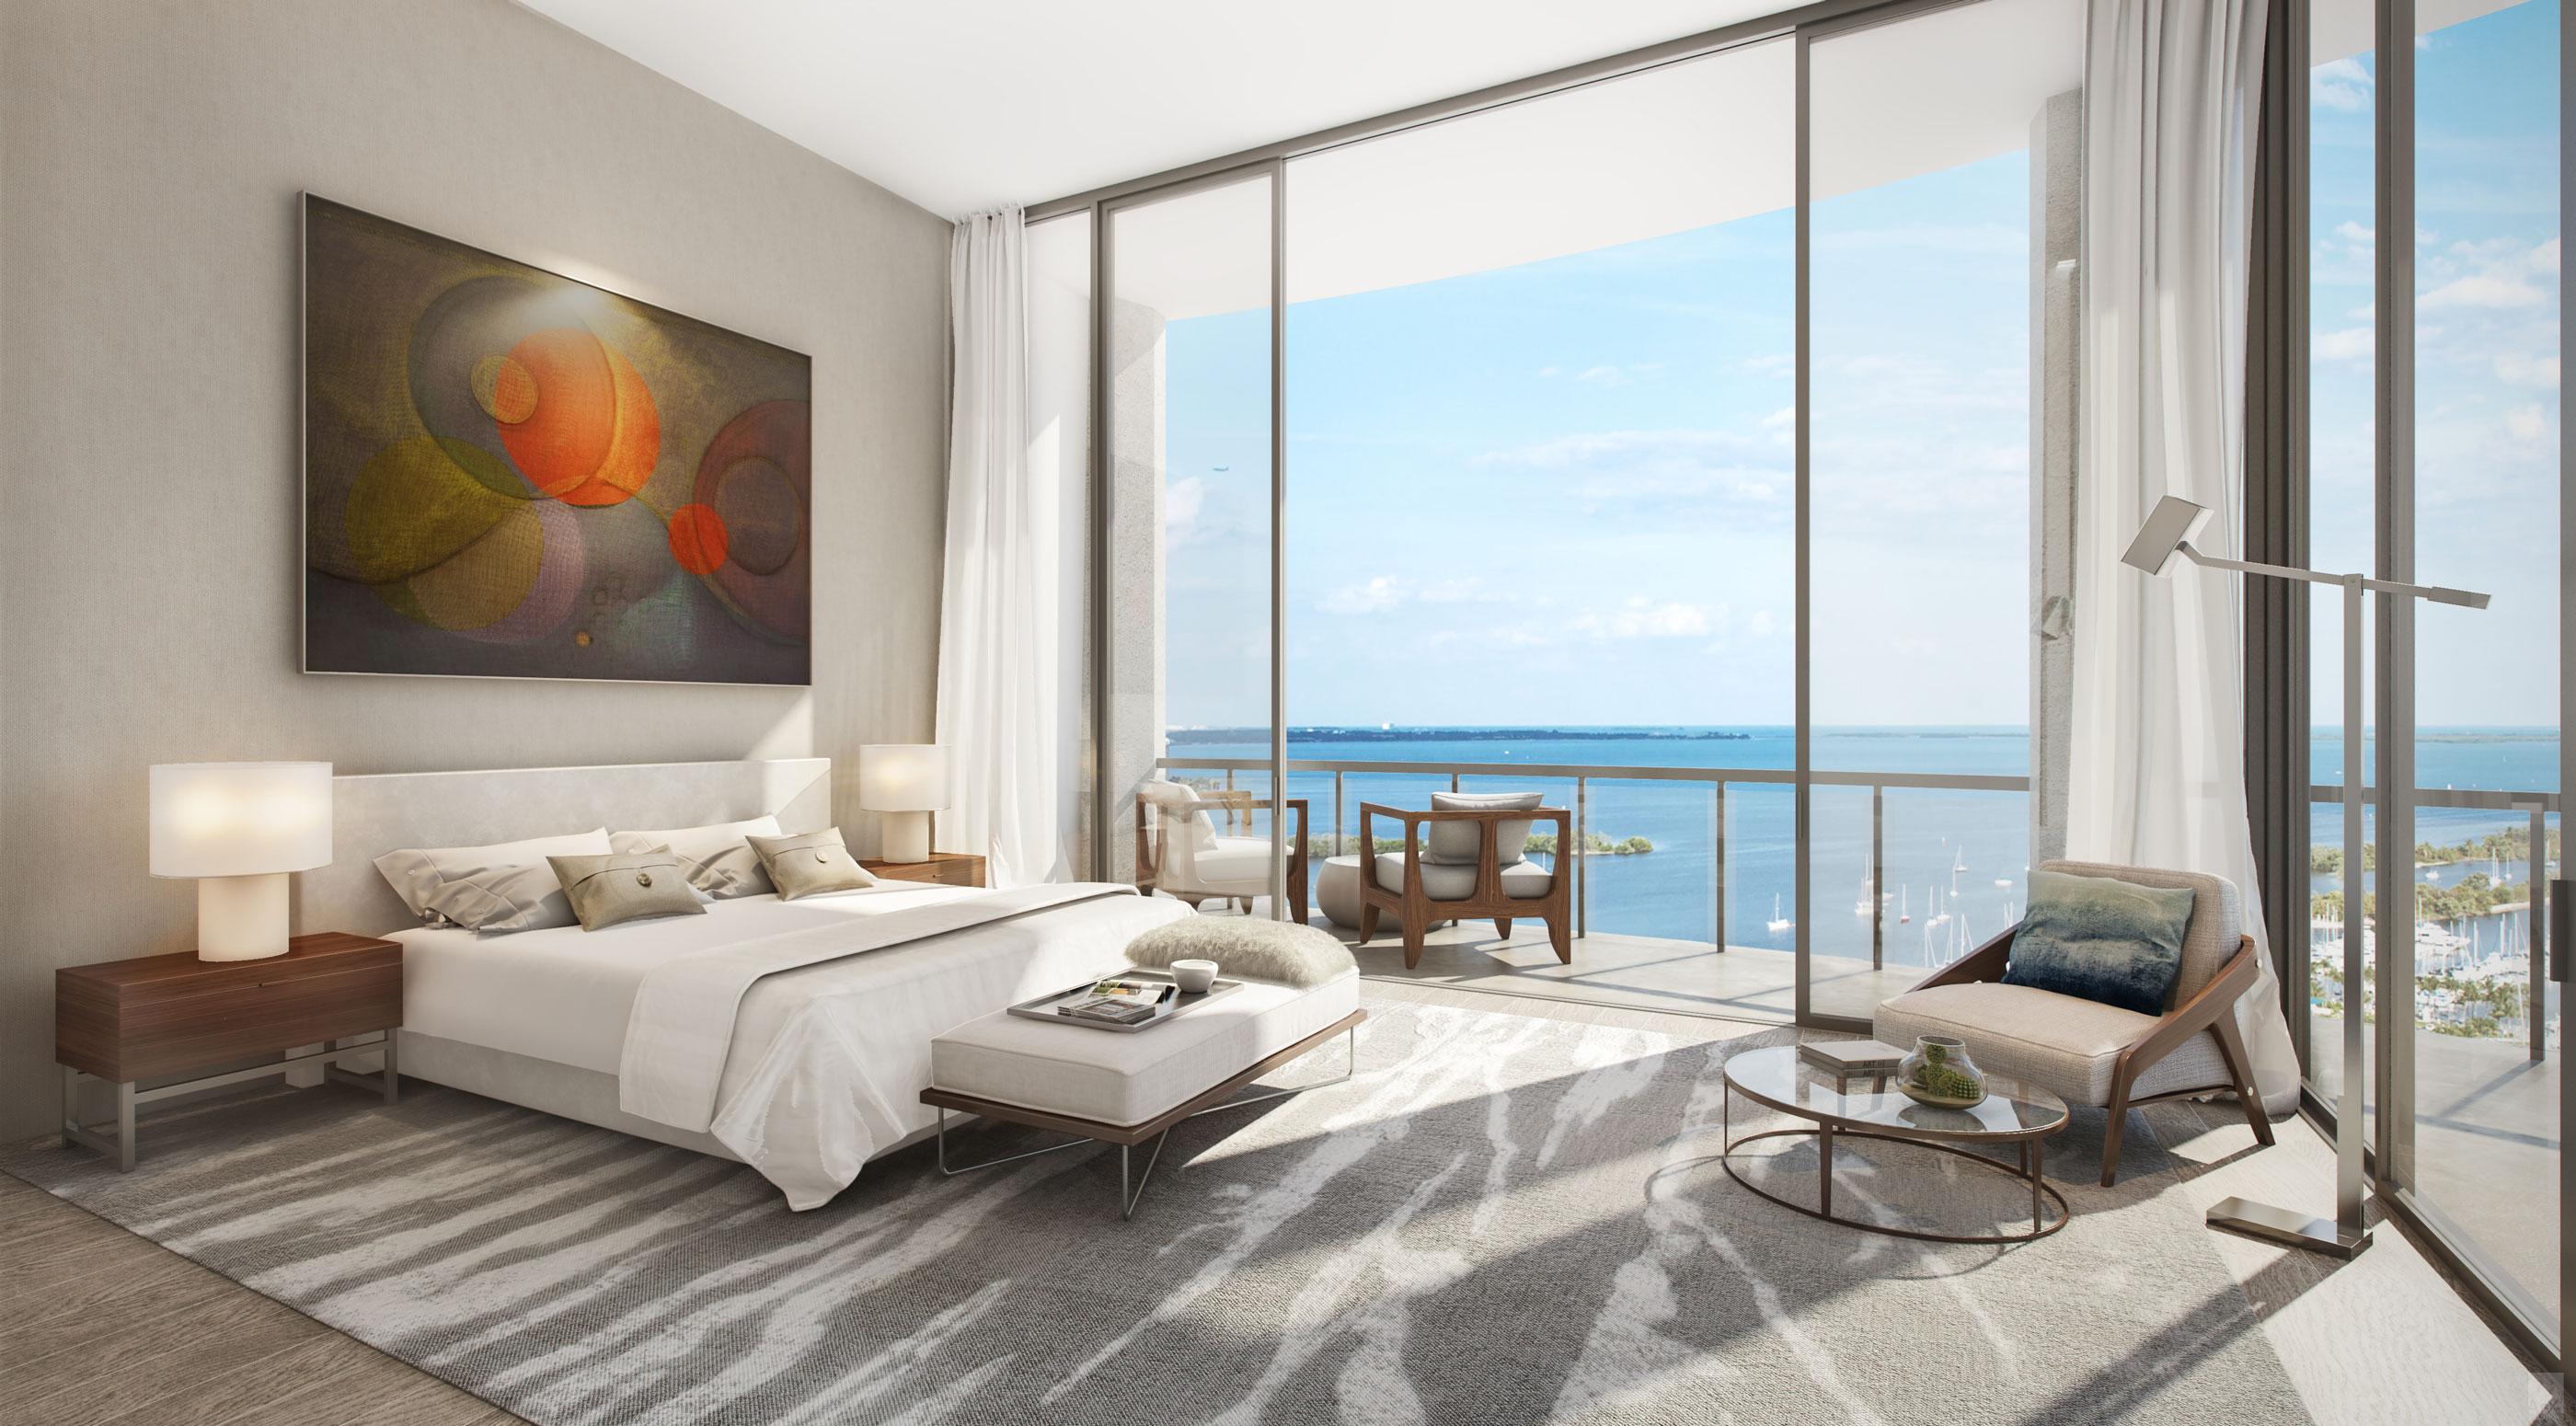 07.Bedroom-View